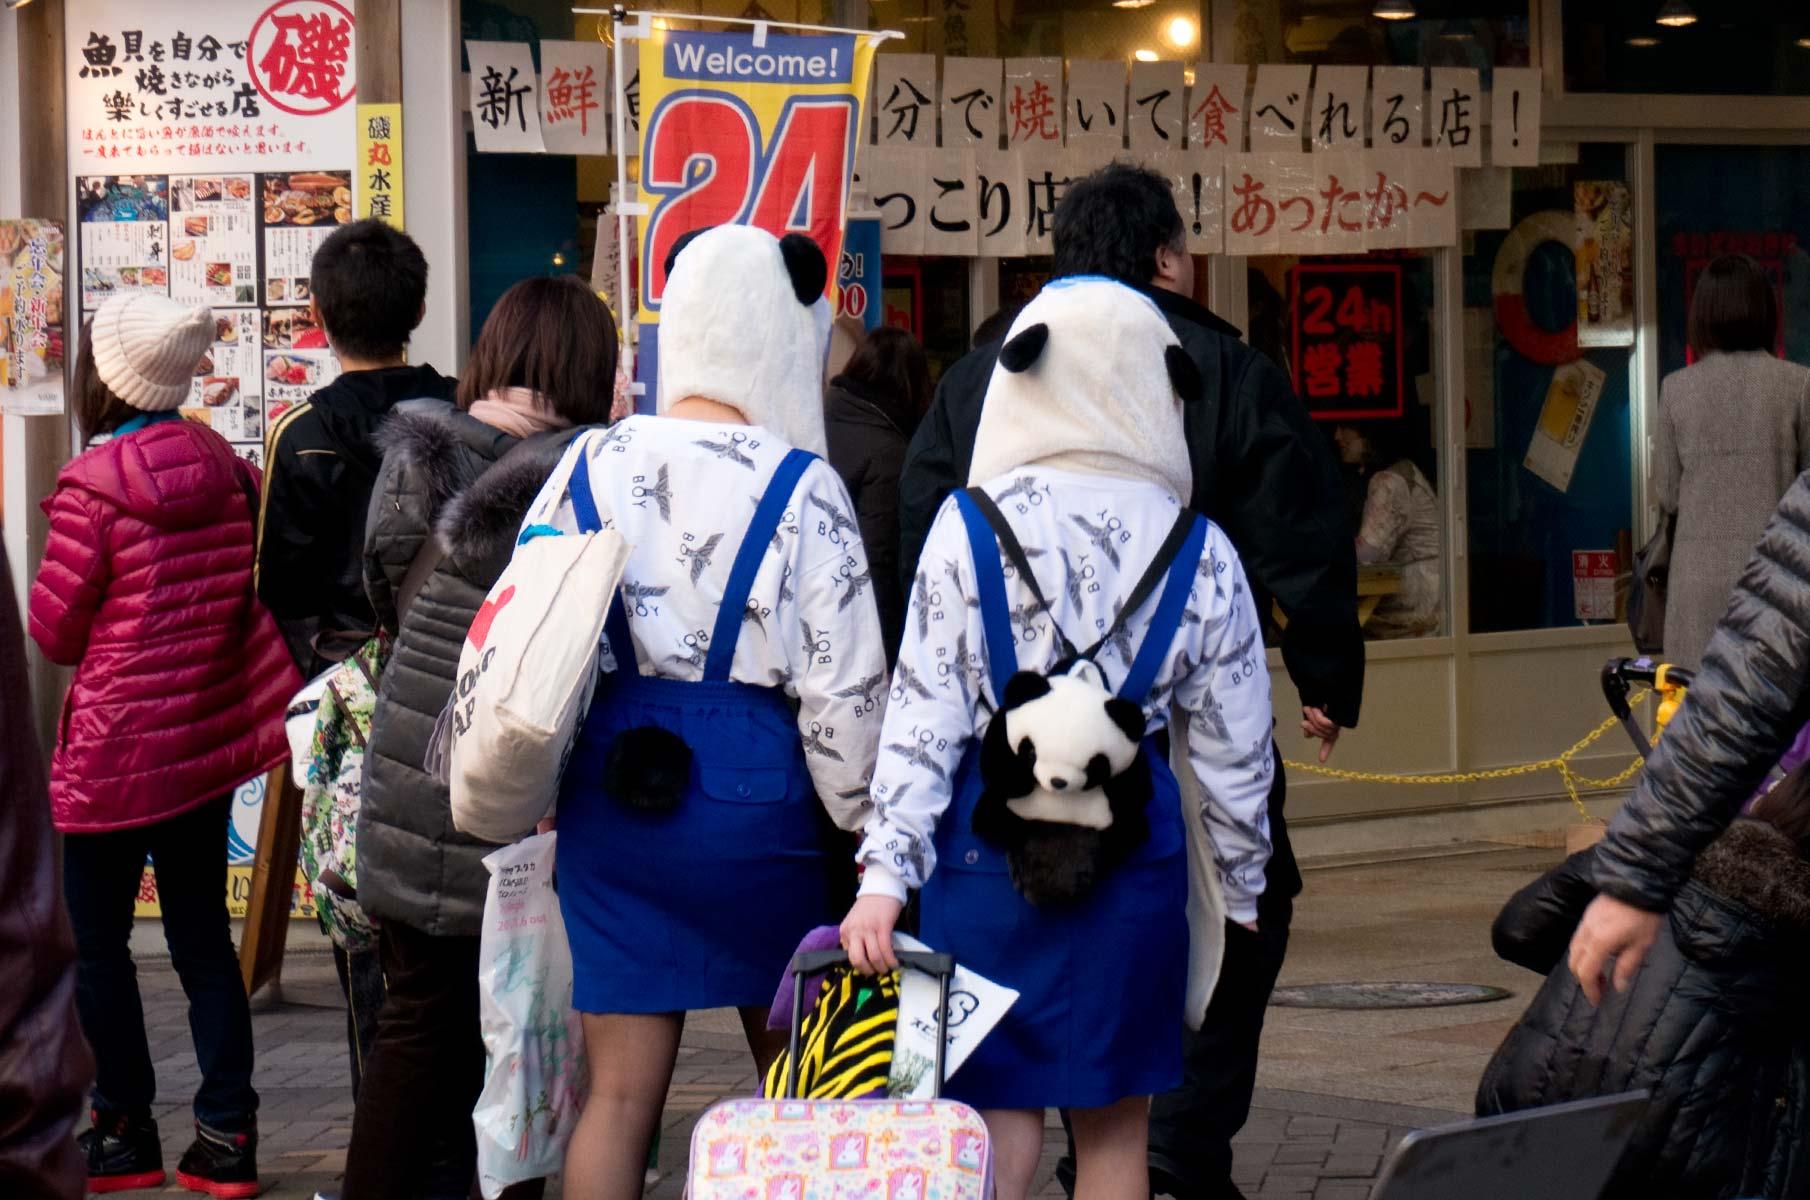 Straßenszene mit Pandamützen in Dotonbori Osaka, Japan